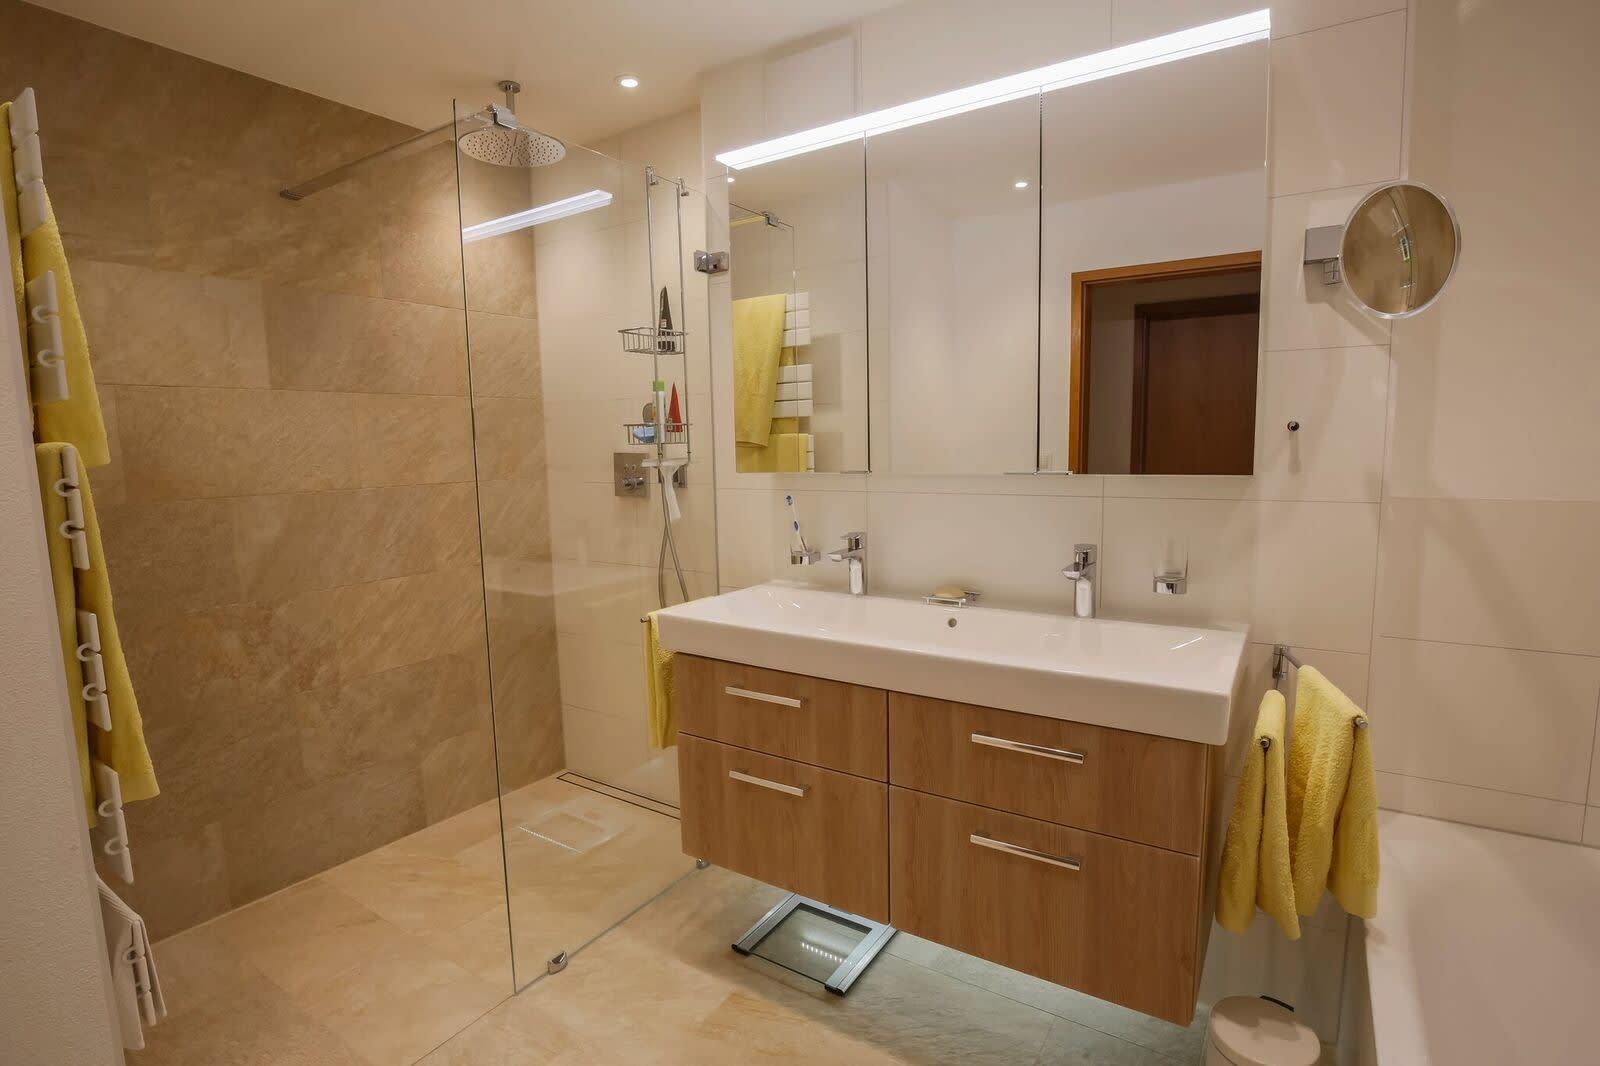 Badezimmer mit heller Spanndecke und Beleuchtung offener Dusche und Holzausstattung